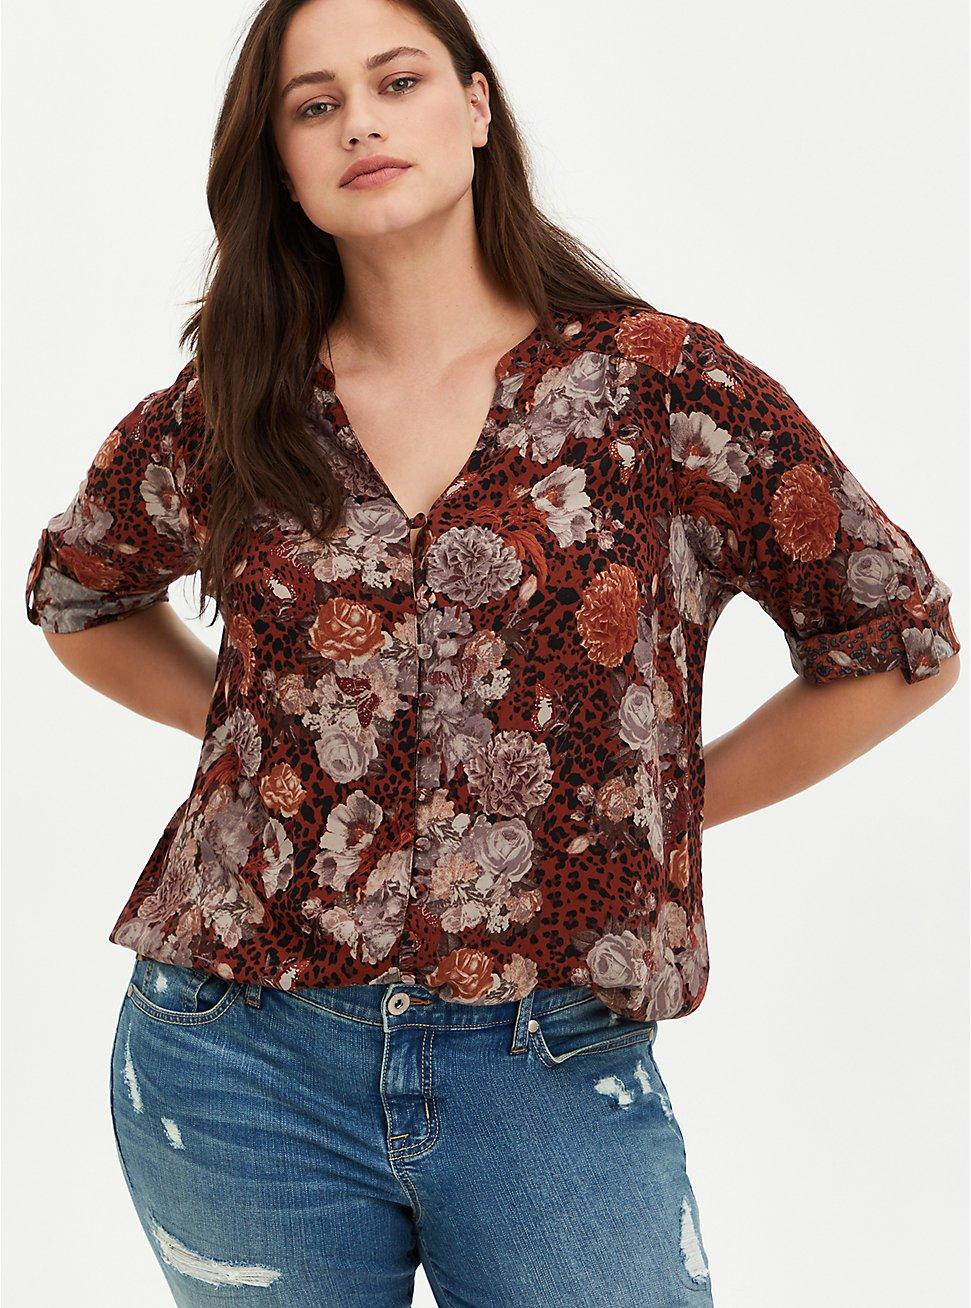 Harper - Challis Pullover Floral Brown, FLORAL - BROWN, hi-res